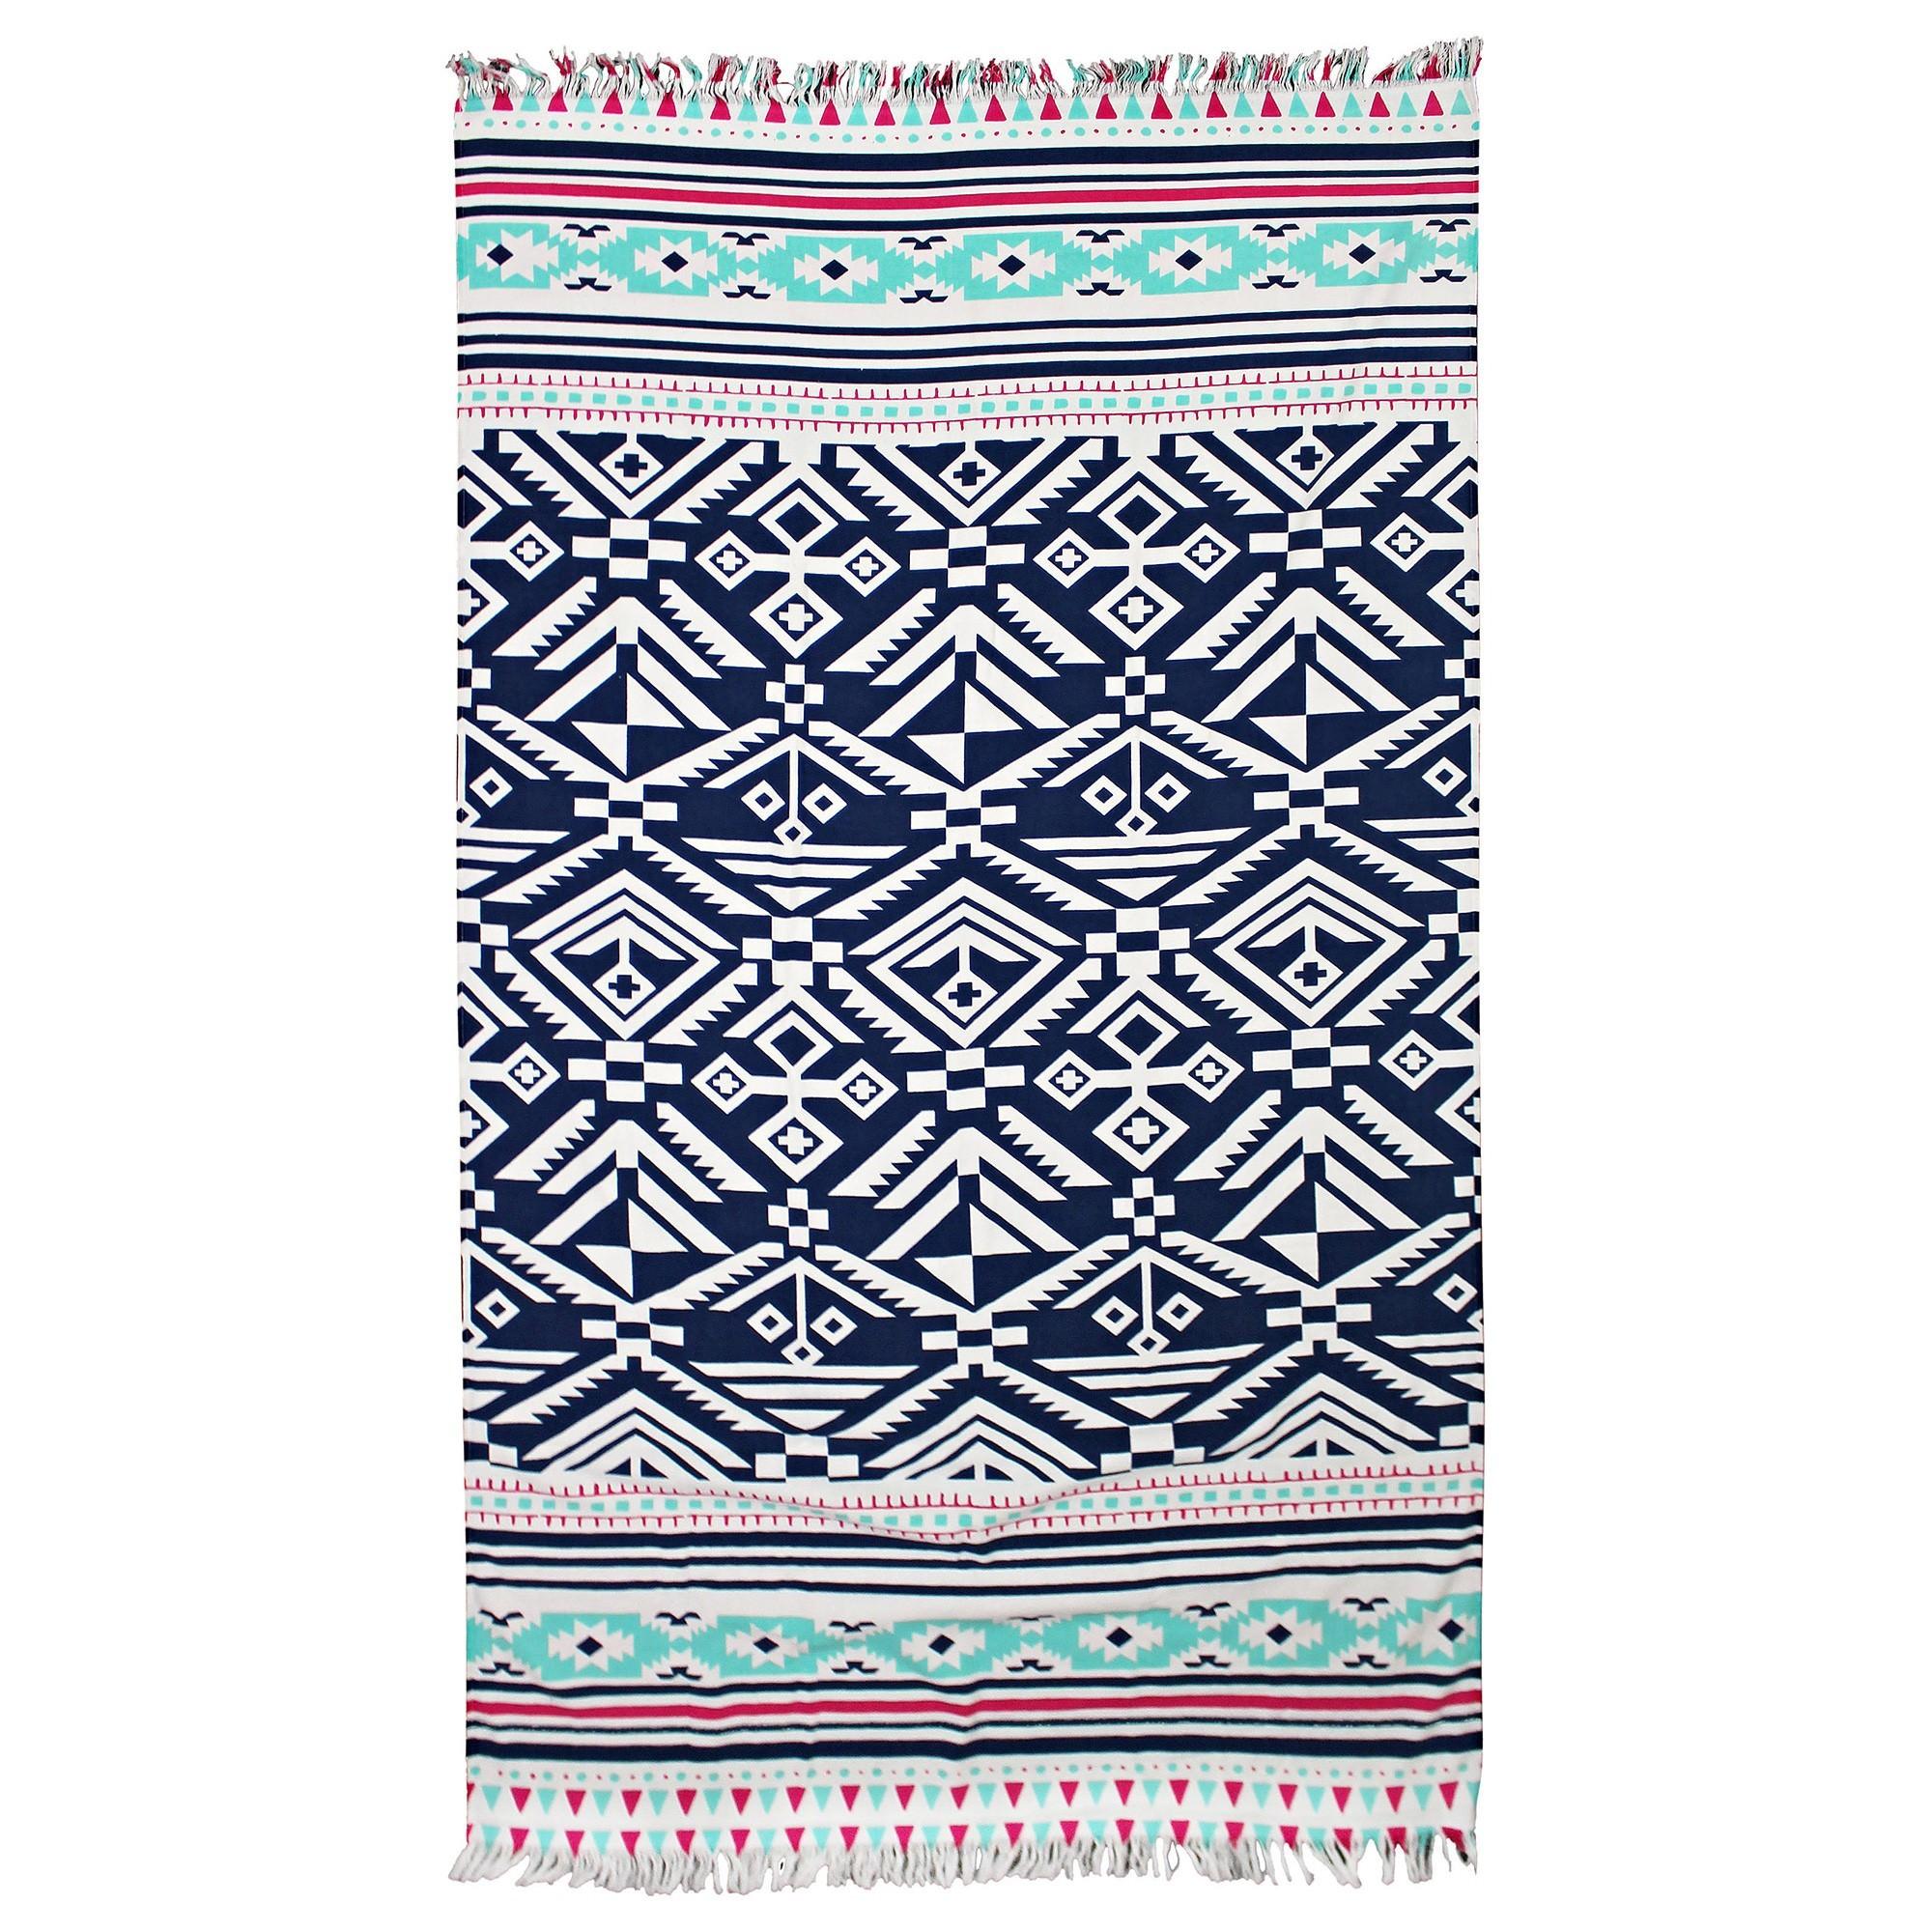 Odyssey Living Cotton Mega Beach Towel, Catalina, 180cm